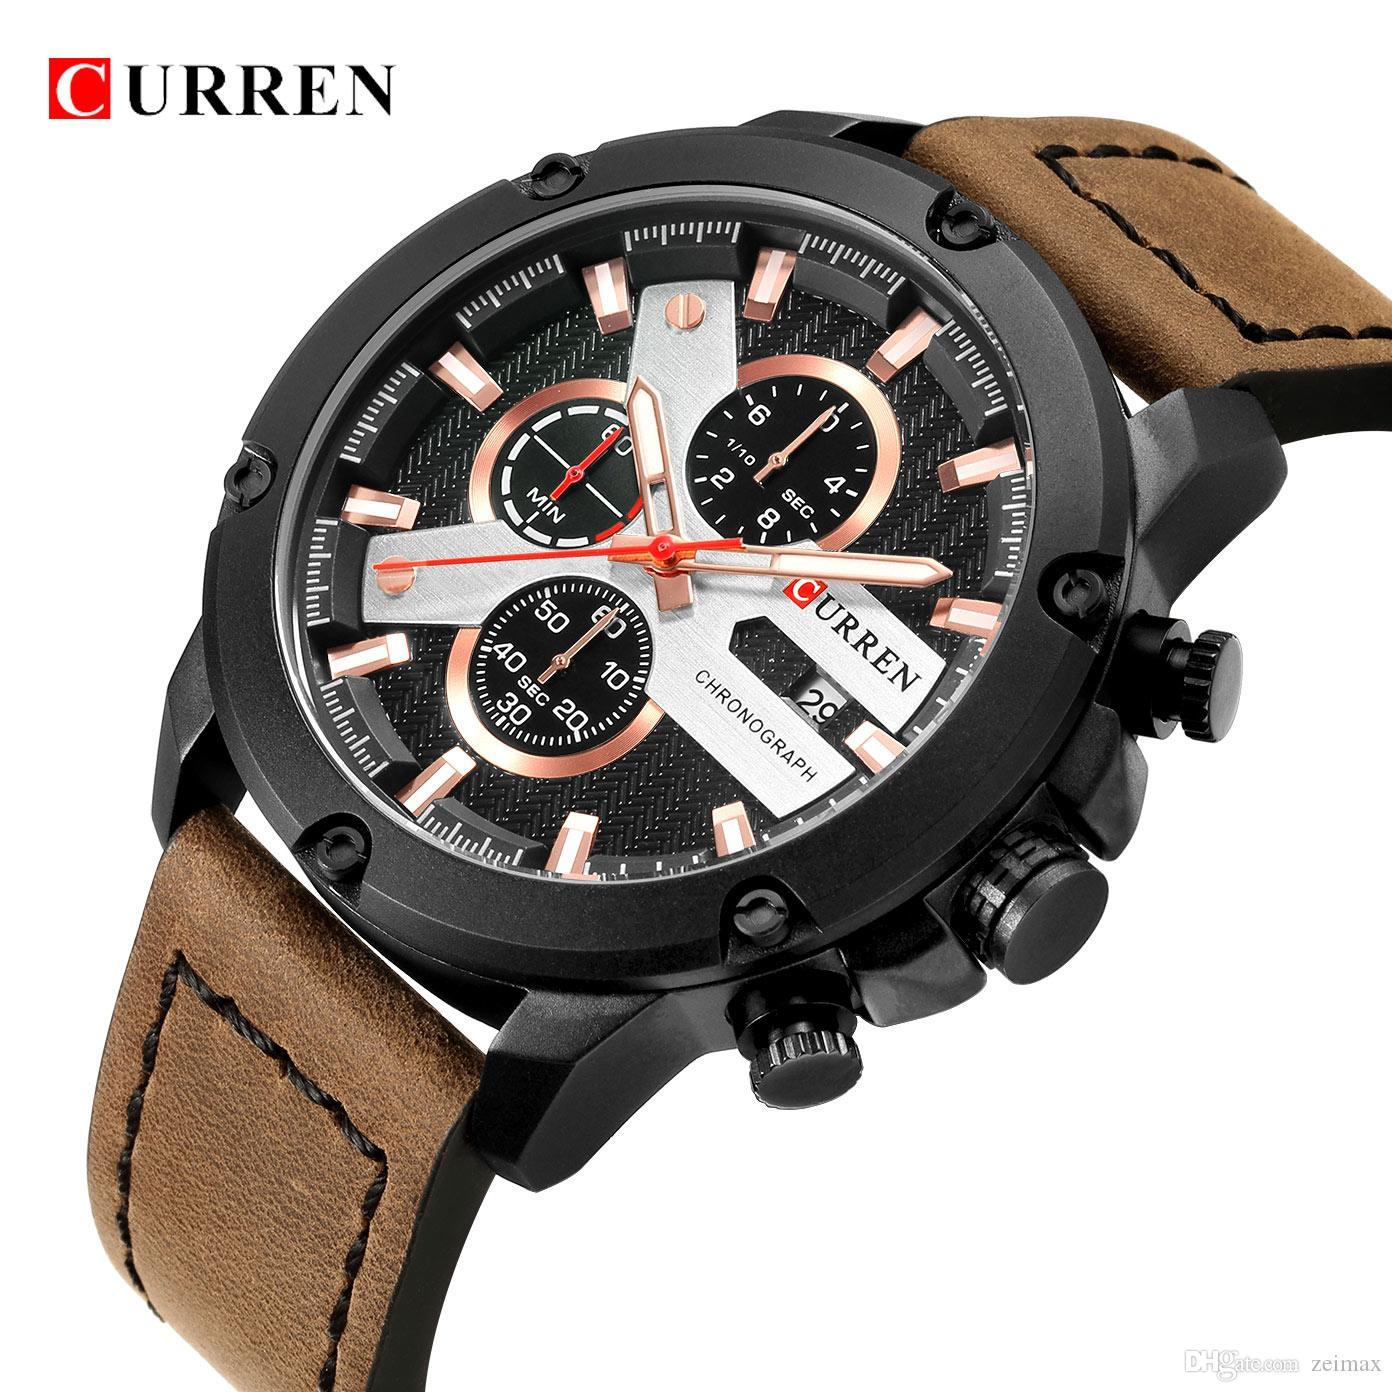 fdca59e465a Compre Moda Casual Pulseira De Couro Homens Esporte Relógios CURREN Luxo À  Prova D  Água Cronógrafo Masculino Militar Relógio De Pulso De Quartzo  Relógio ...